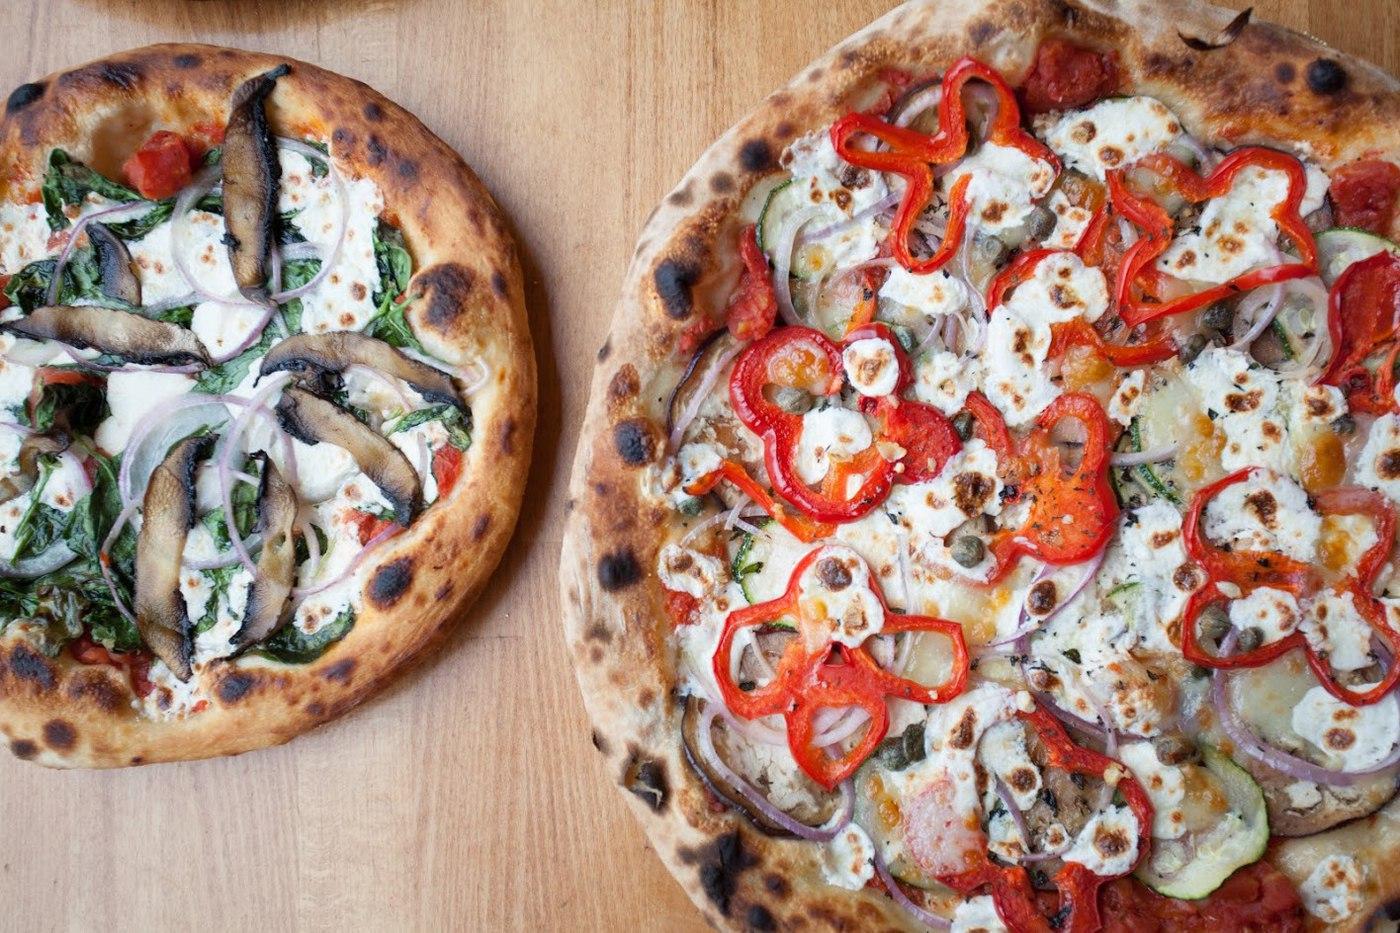 Pizzeria_Paradiso_Pizzas_CREDIT_Pizzeria_Paradiso